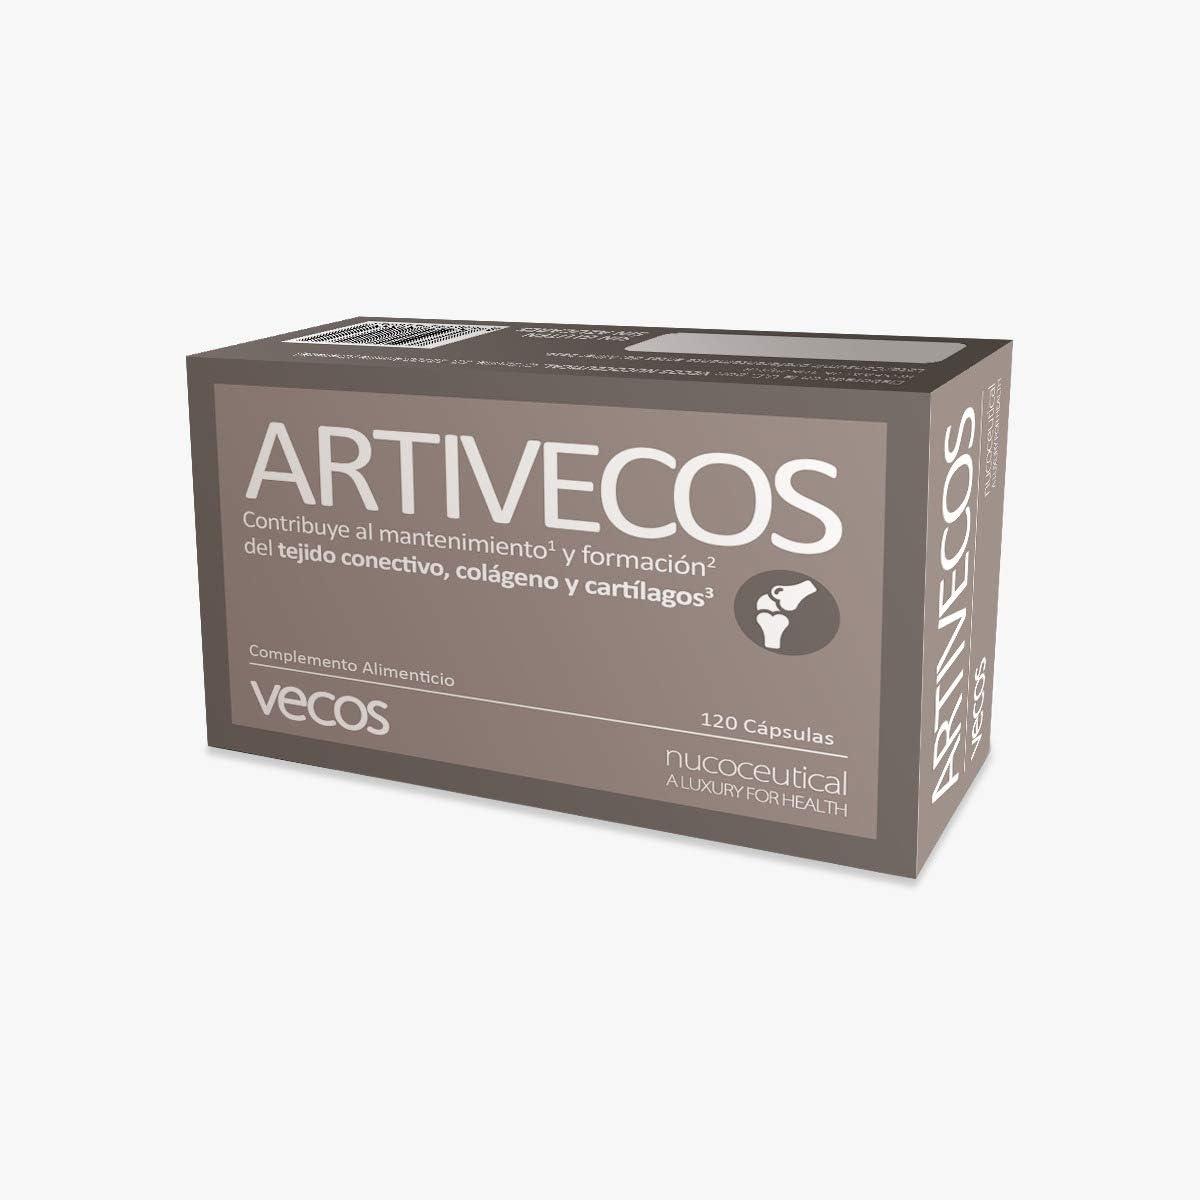 Suplemento Artivecos para el cuidado de huesos y articulaciones – Formula completa con colágeno, ácido hialurónico, glucosamina, condroitina, MSM, manganeso, aloe vera y vitamina C – 120 cápsulas